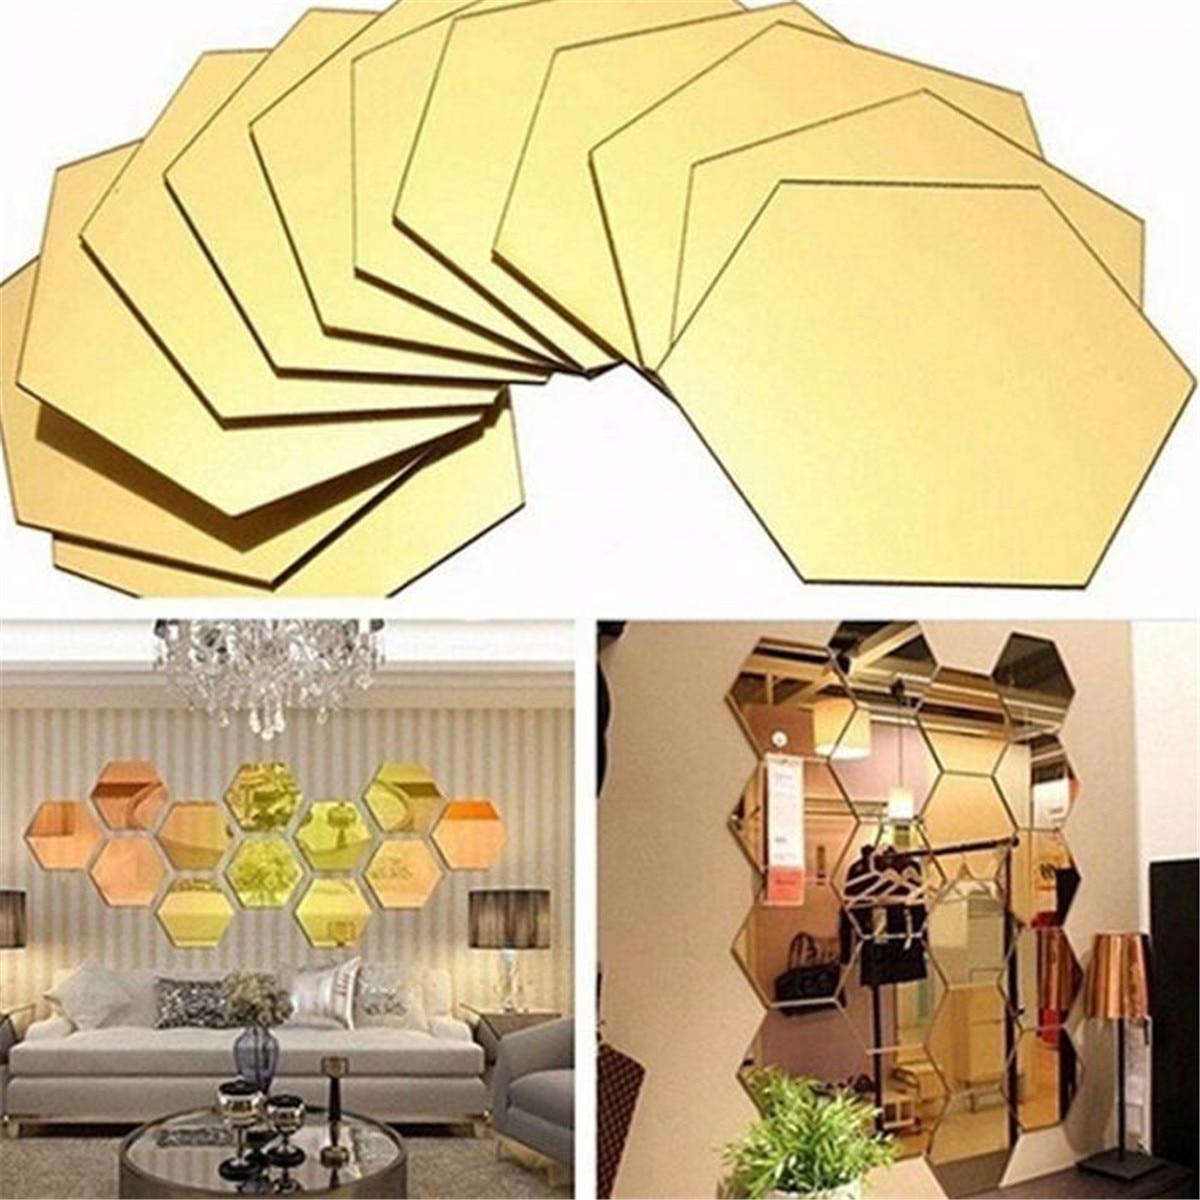 12 шт., 3D Шестигранная акриловая зеркальная Настенная Наклейка s для самостоятельного художественного декора стен, наклейка для домашнего де...